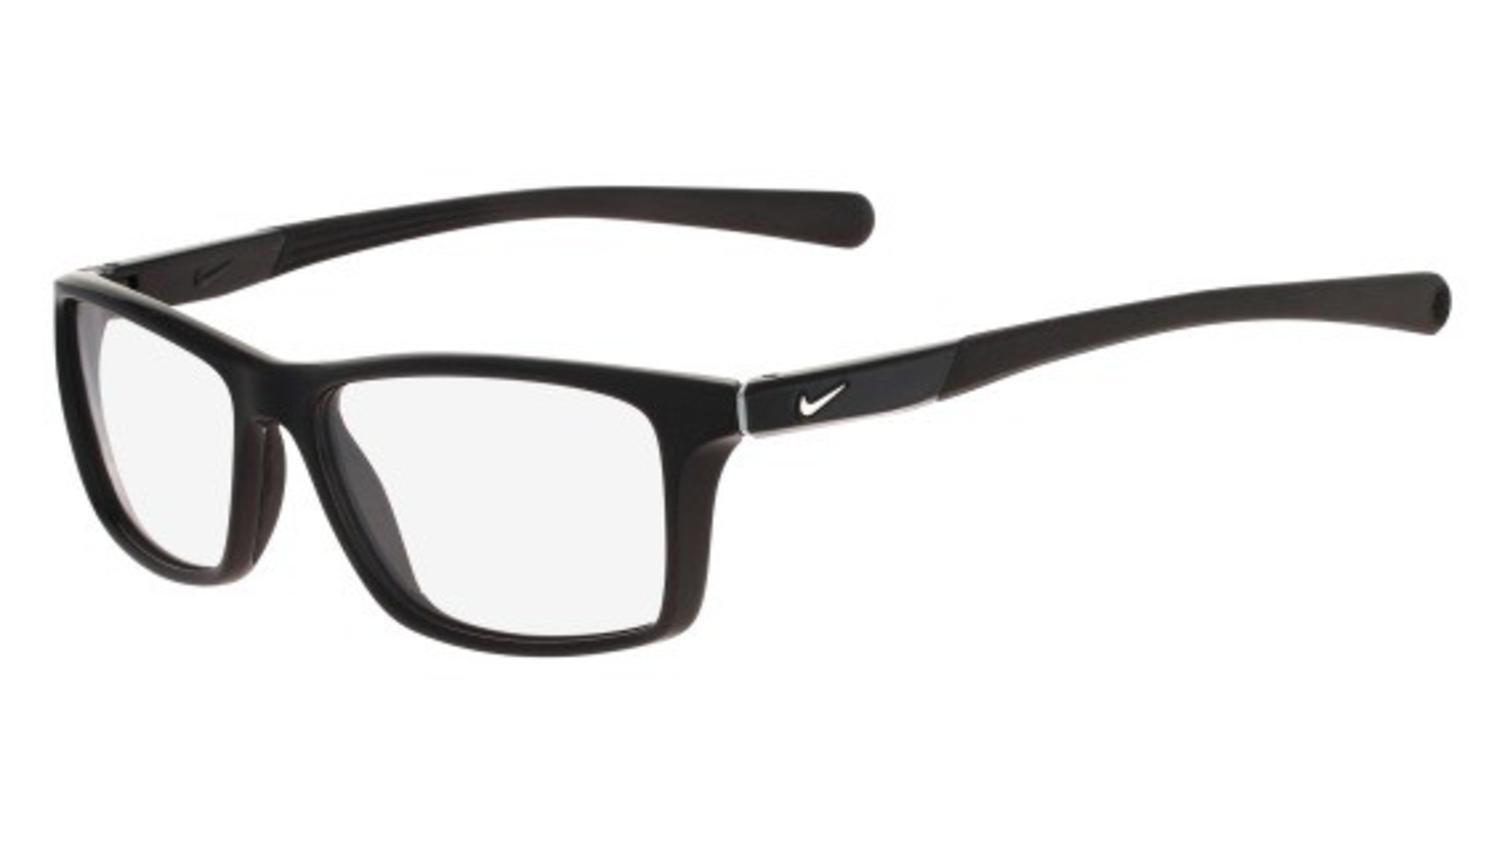 Eyeglasses NIKE 7087 014 BLACK-WOLF GREY by NIKE